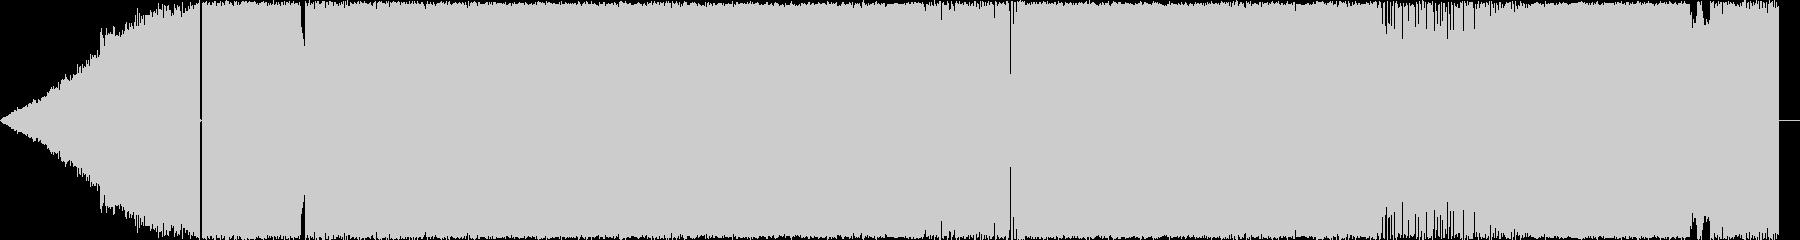 エレキギター,アップテンポハードロックの未再生の波形